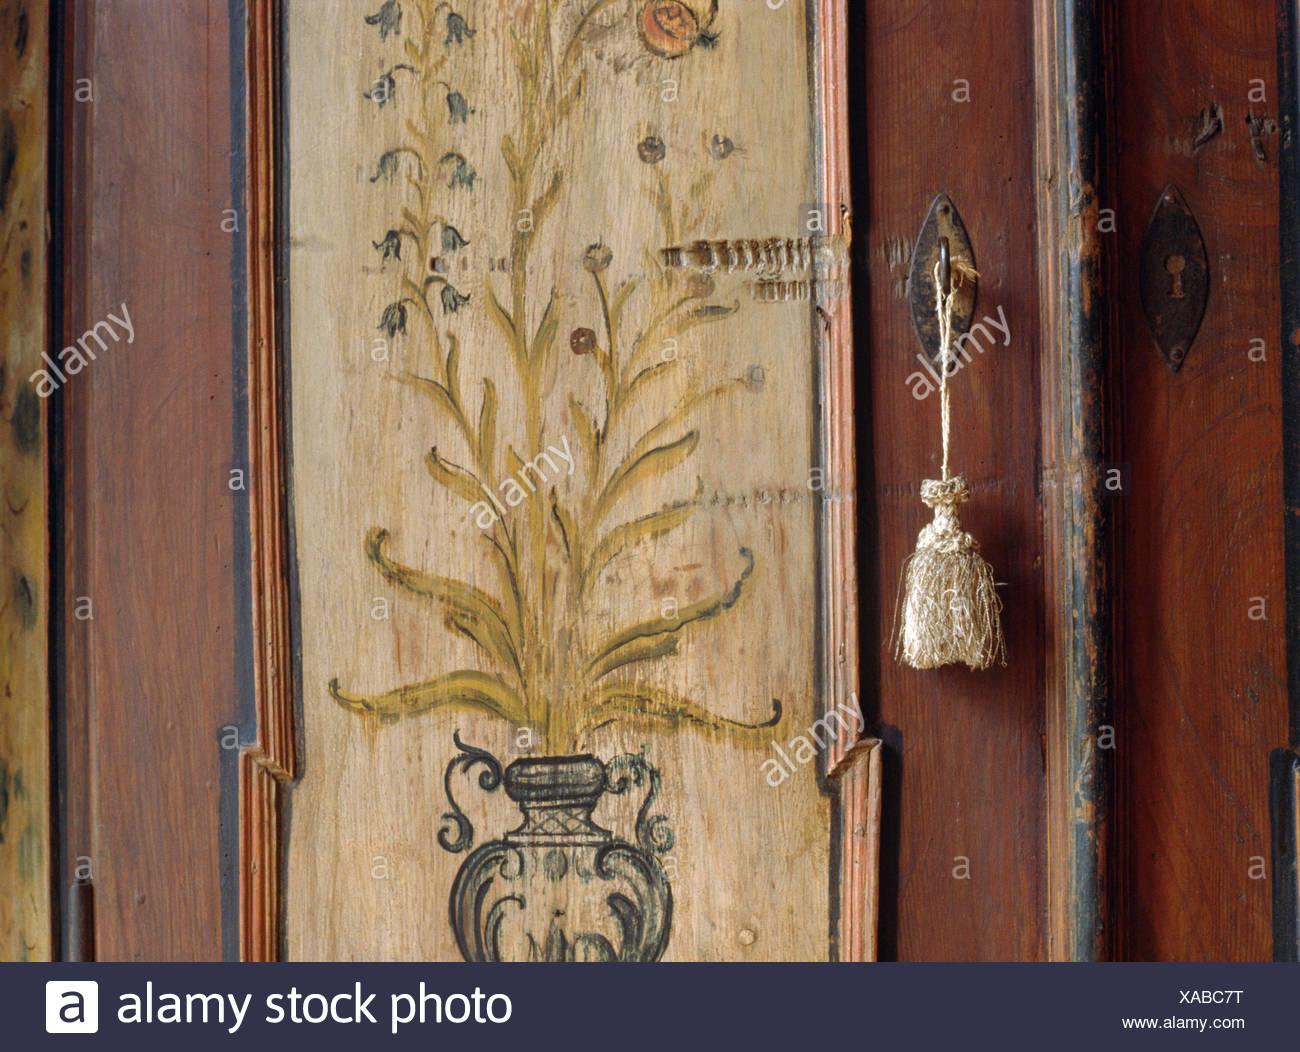 Credenza Con Chiave : Close up di un xix secolo pitturato credenza con fiocco seta